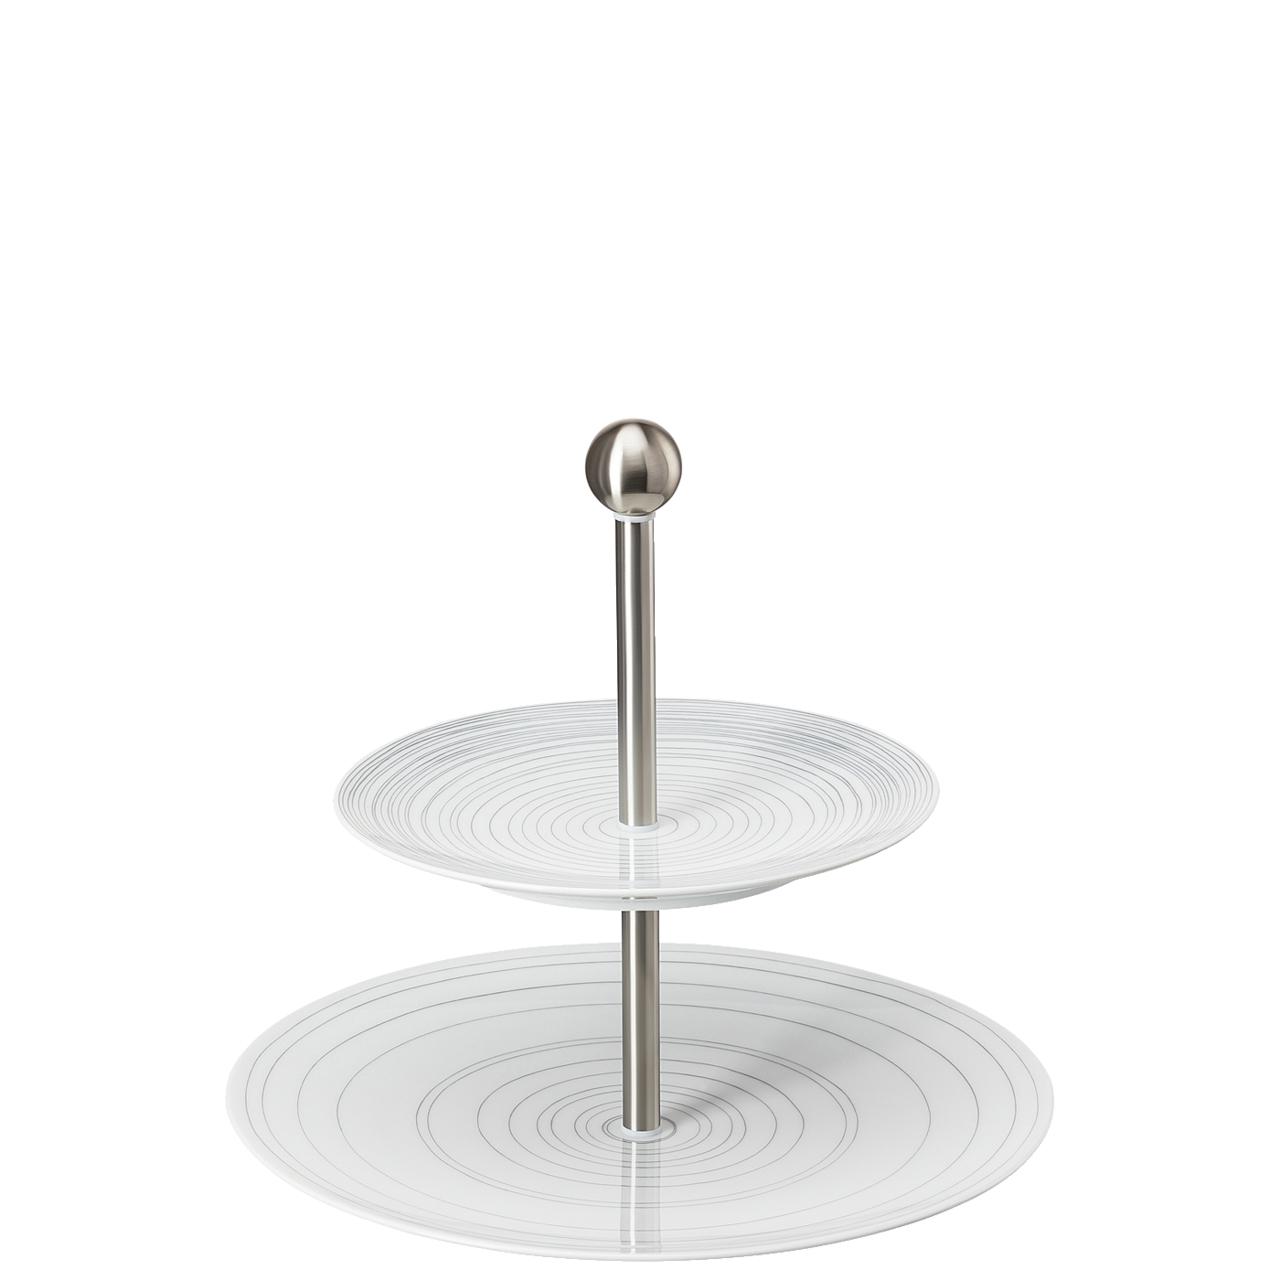 Etagere klein 2-tlg. TAC Gropius Stripes 2.0 Rosenthal Studio Line